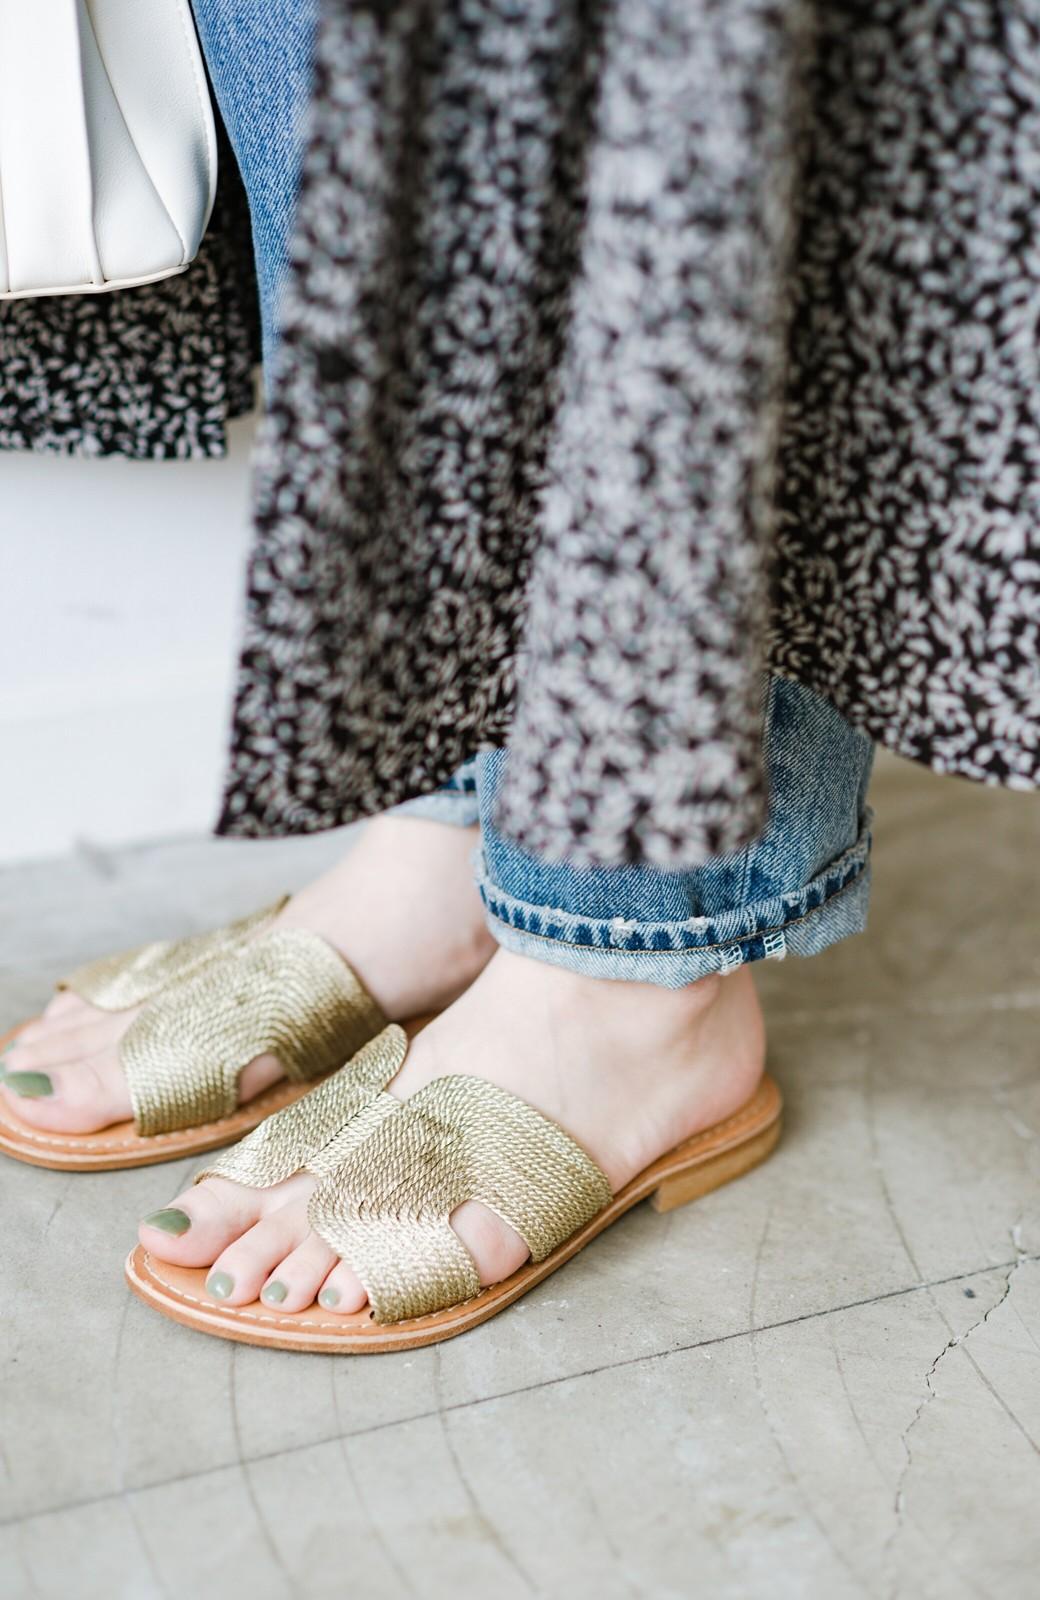 haco! EDER 素足をきれいに魅せてくれるゴールドカラーのフラットサンダル <ゴールド>の商品写真8